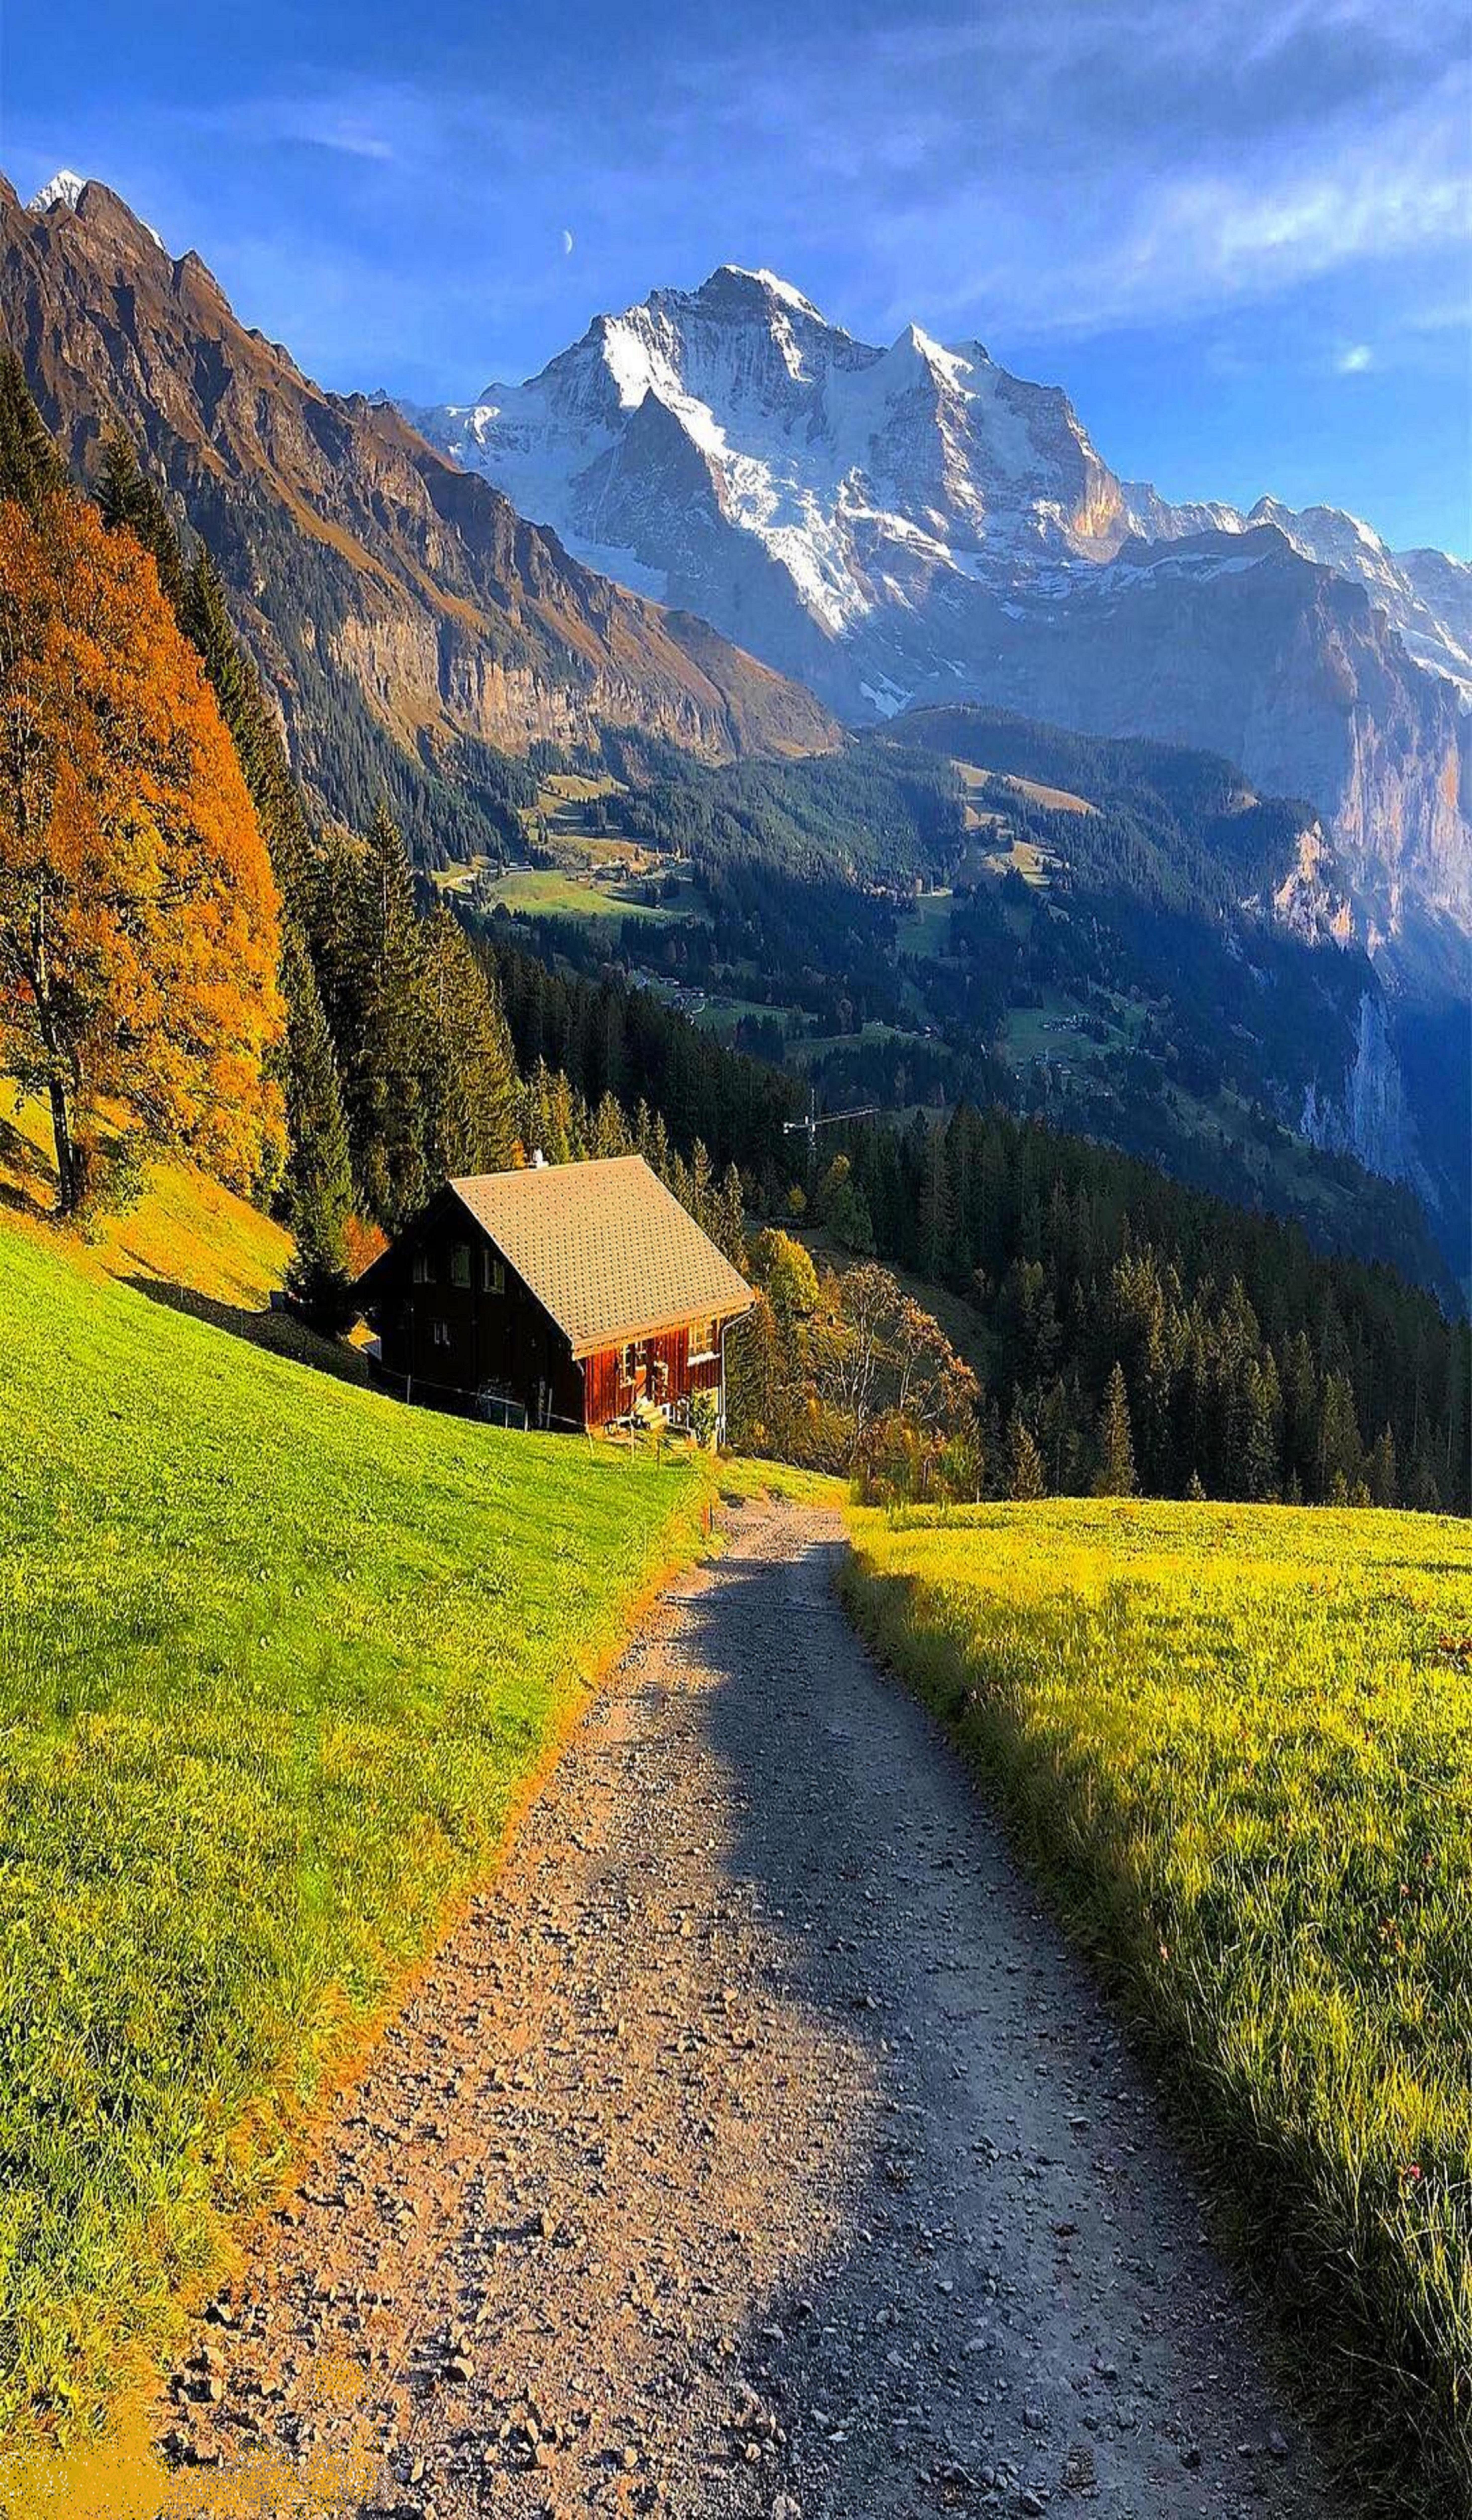 Wengen Switzerland Beautiful Landscapes Beautiful Nature Nature Photography